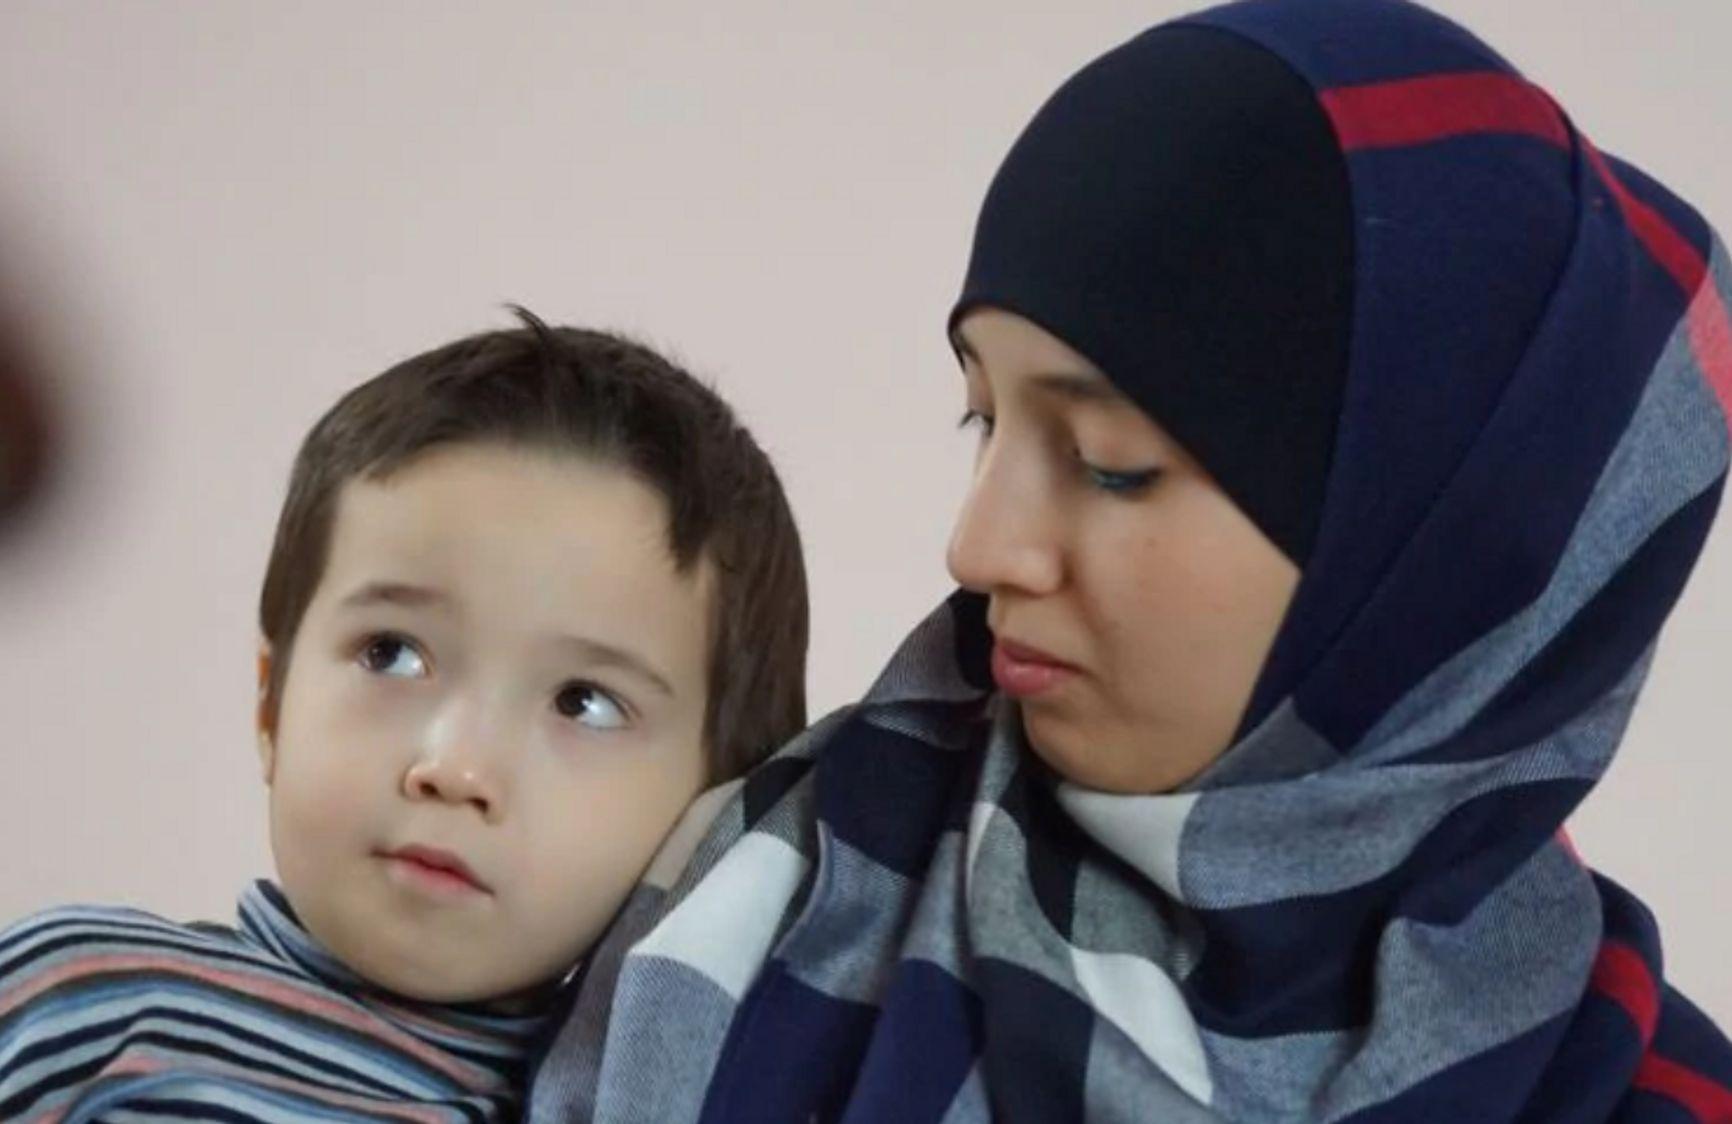 Фатма Исмаилова с ребенком. Фото: Антон Наумлюк